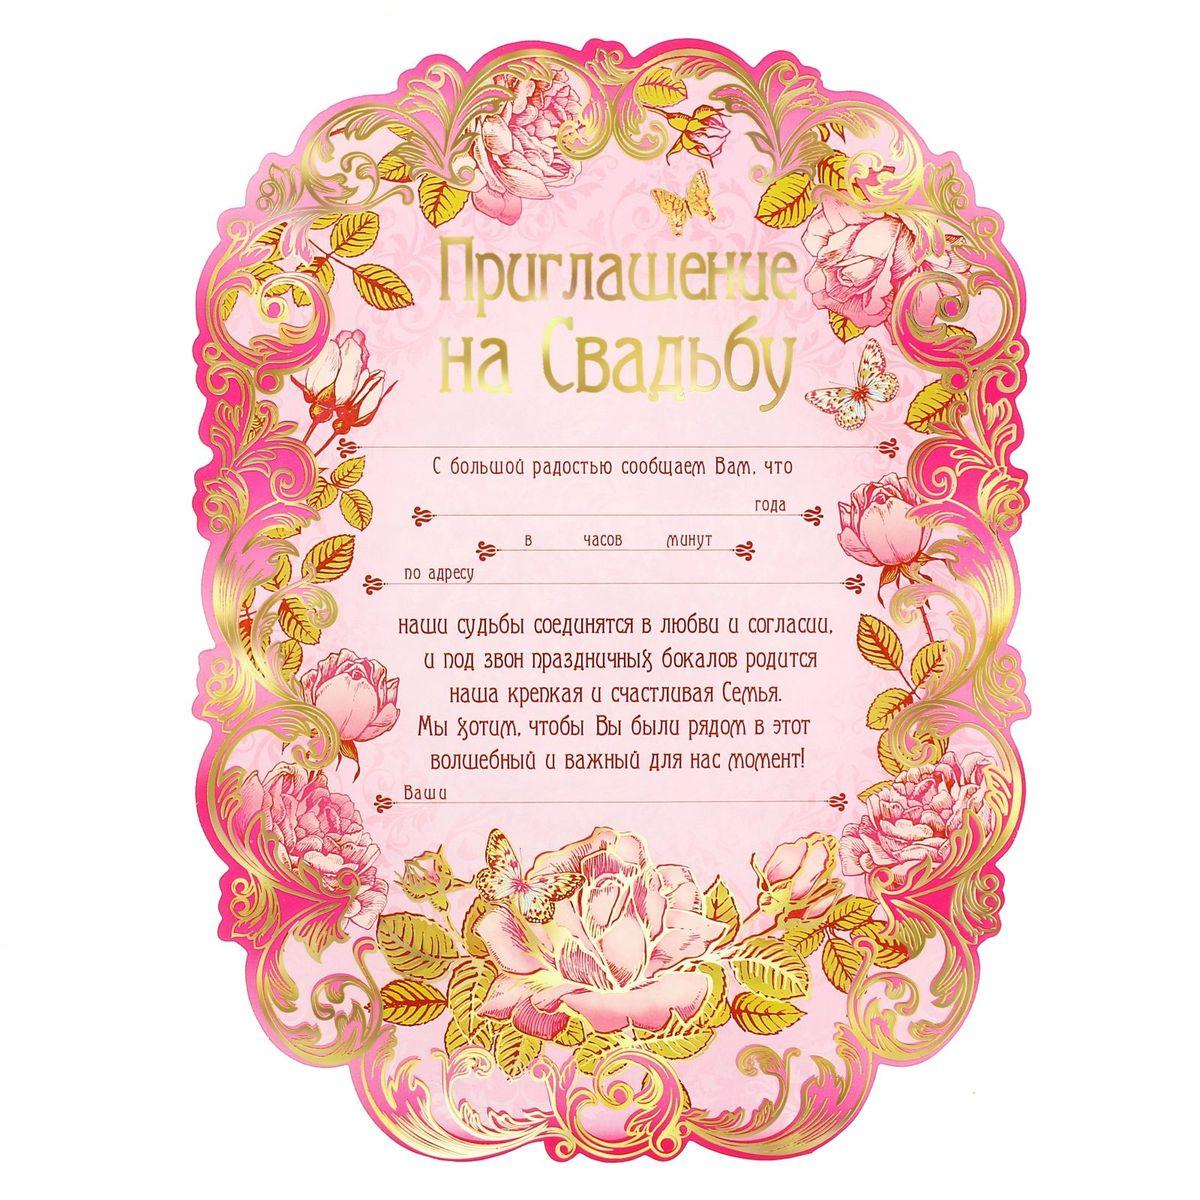 """Традиции свадебного обряда уходят корнями в далекое прошлое, когда многие важные документы, приказы, указы, послания передавались в форме свитков. Добавить оригинальность и показать верность традициям поможет свадебное приглашение-свиток Sima-land """"Розы"""". В комплект входит элегантная лента, которая дополнительно украсит и скрепит свиток. Розовая палитра, традиционные свадебные мотивы и орнамент подойдут к любому стилю, в котором планируется оформить свадьбу. Внутри свитка - текст приглашения с теплыми словами для адресата. Вам остается заполнить необходимые строки и раздать гостям.Устройте себе незабываемую свадьбу!"""